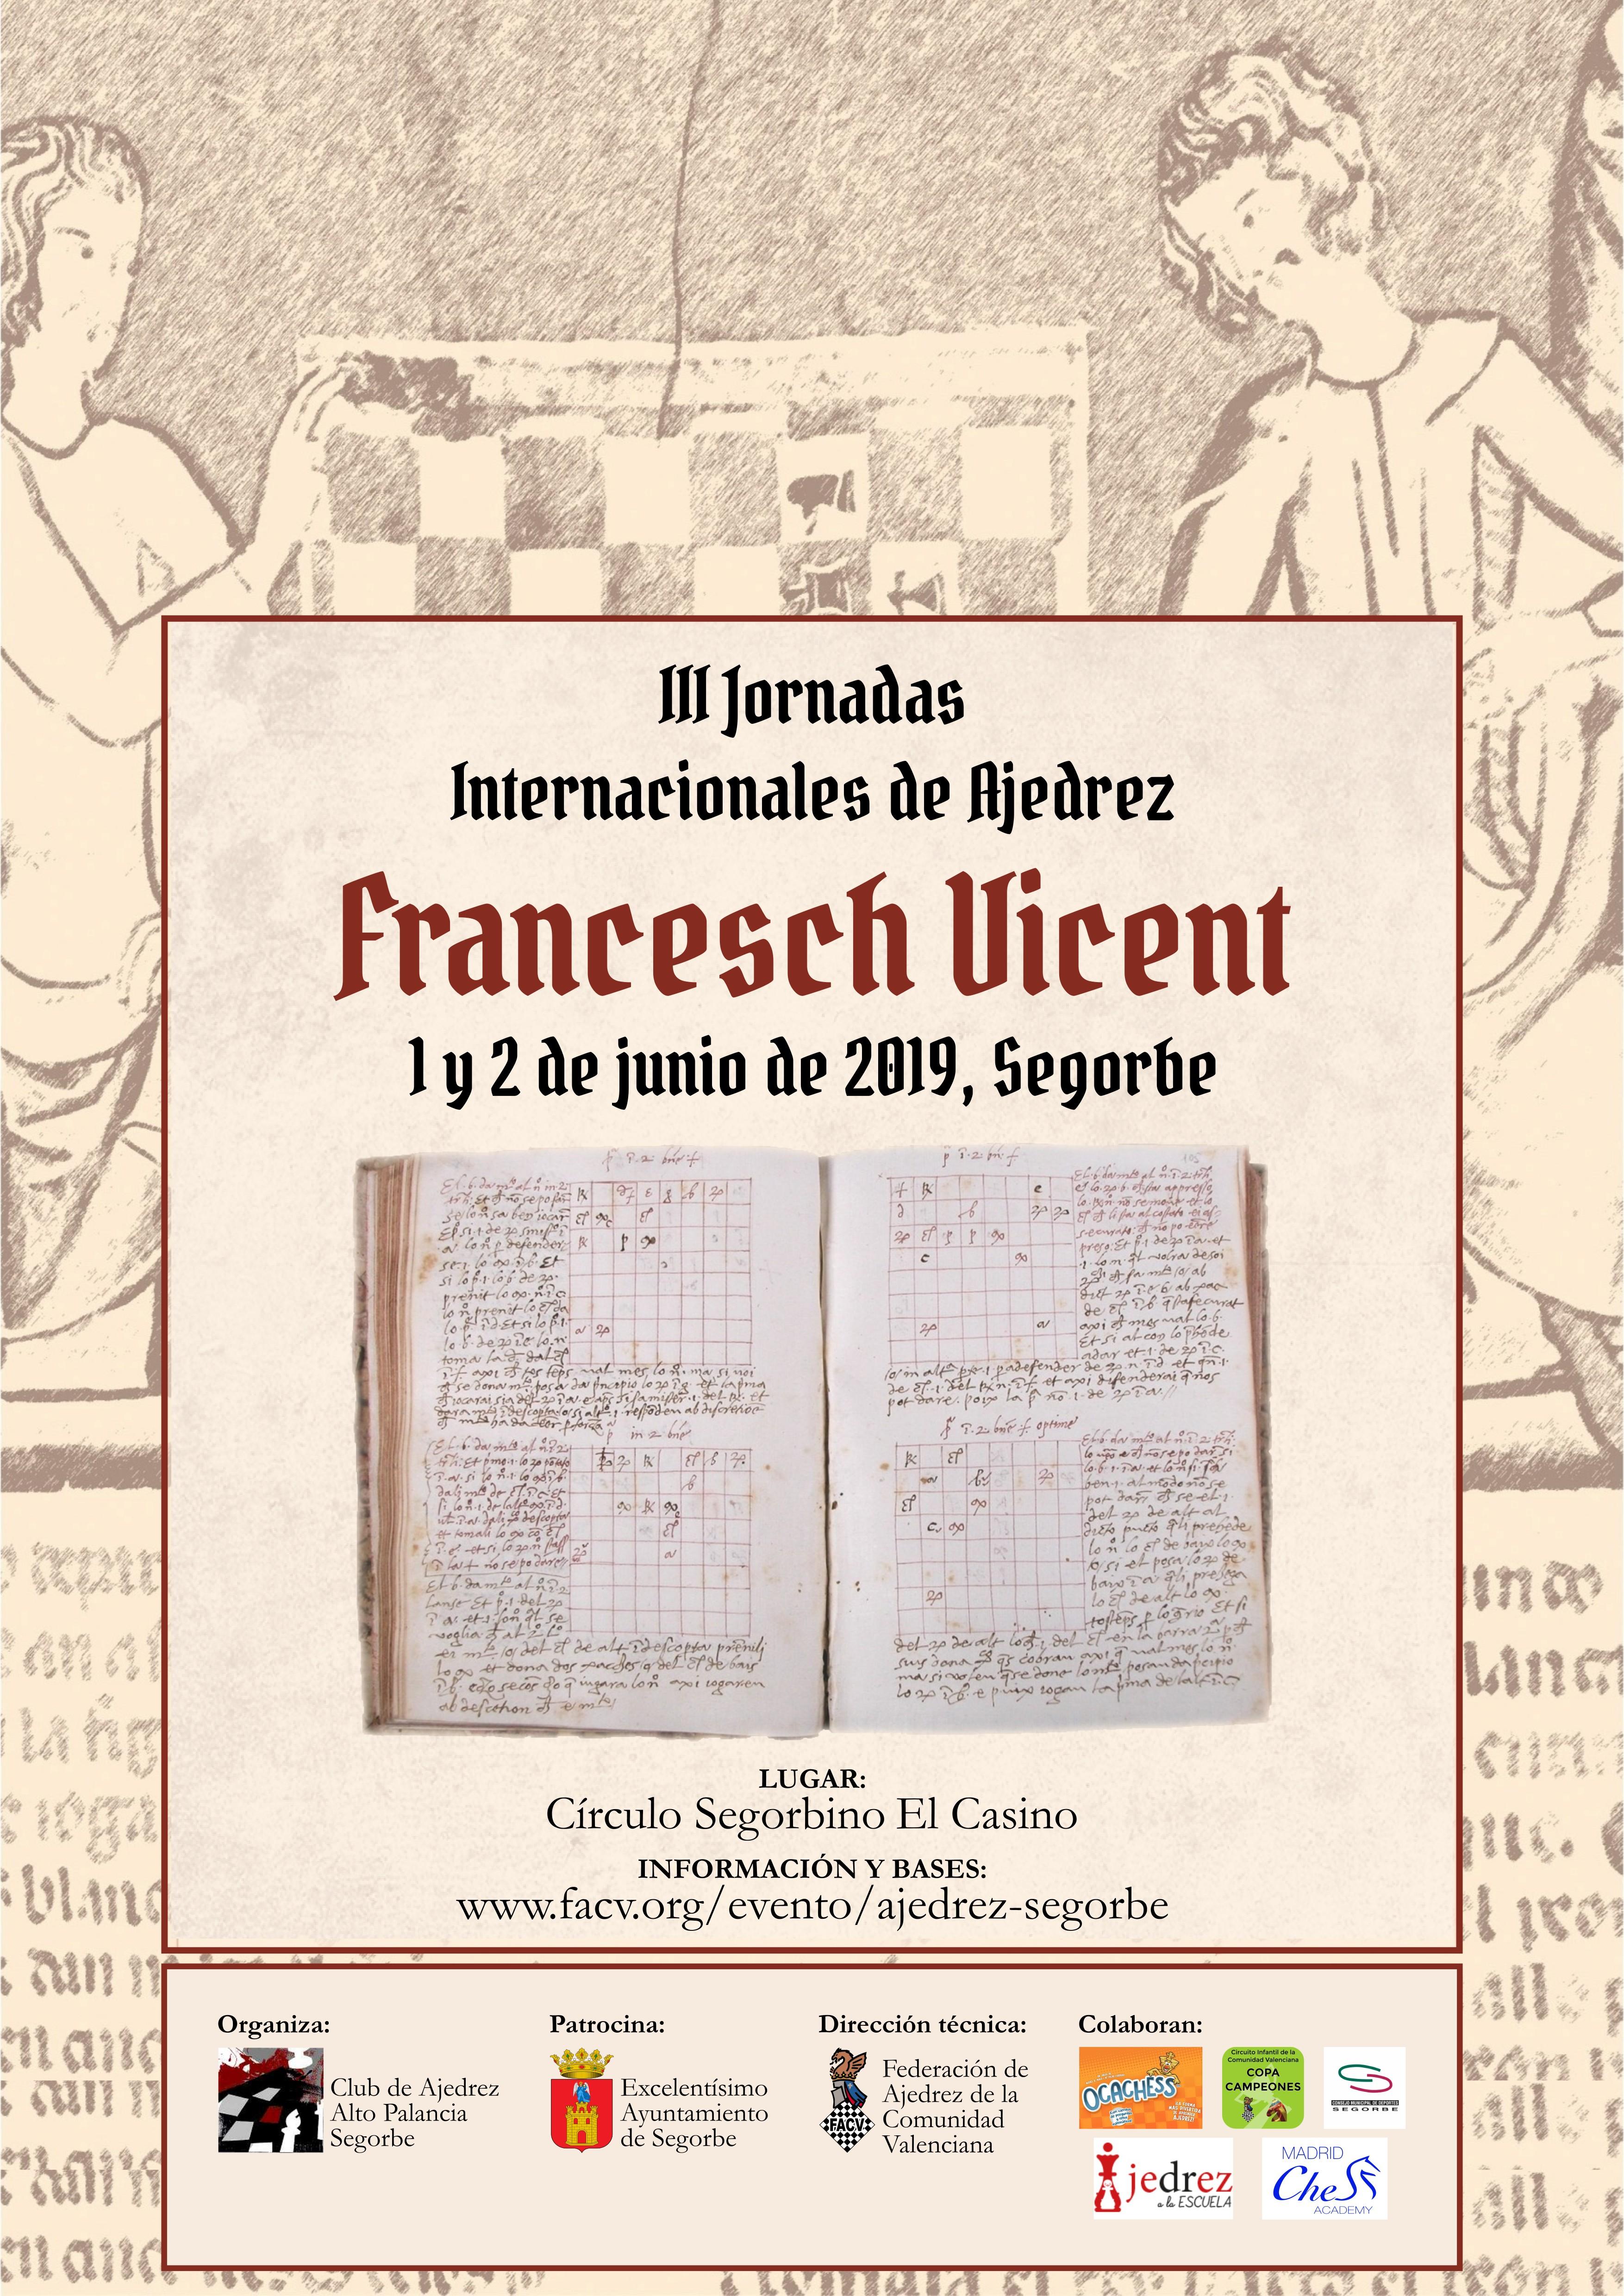 Francesch Vicent